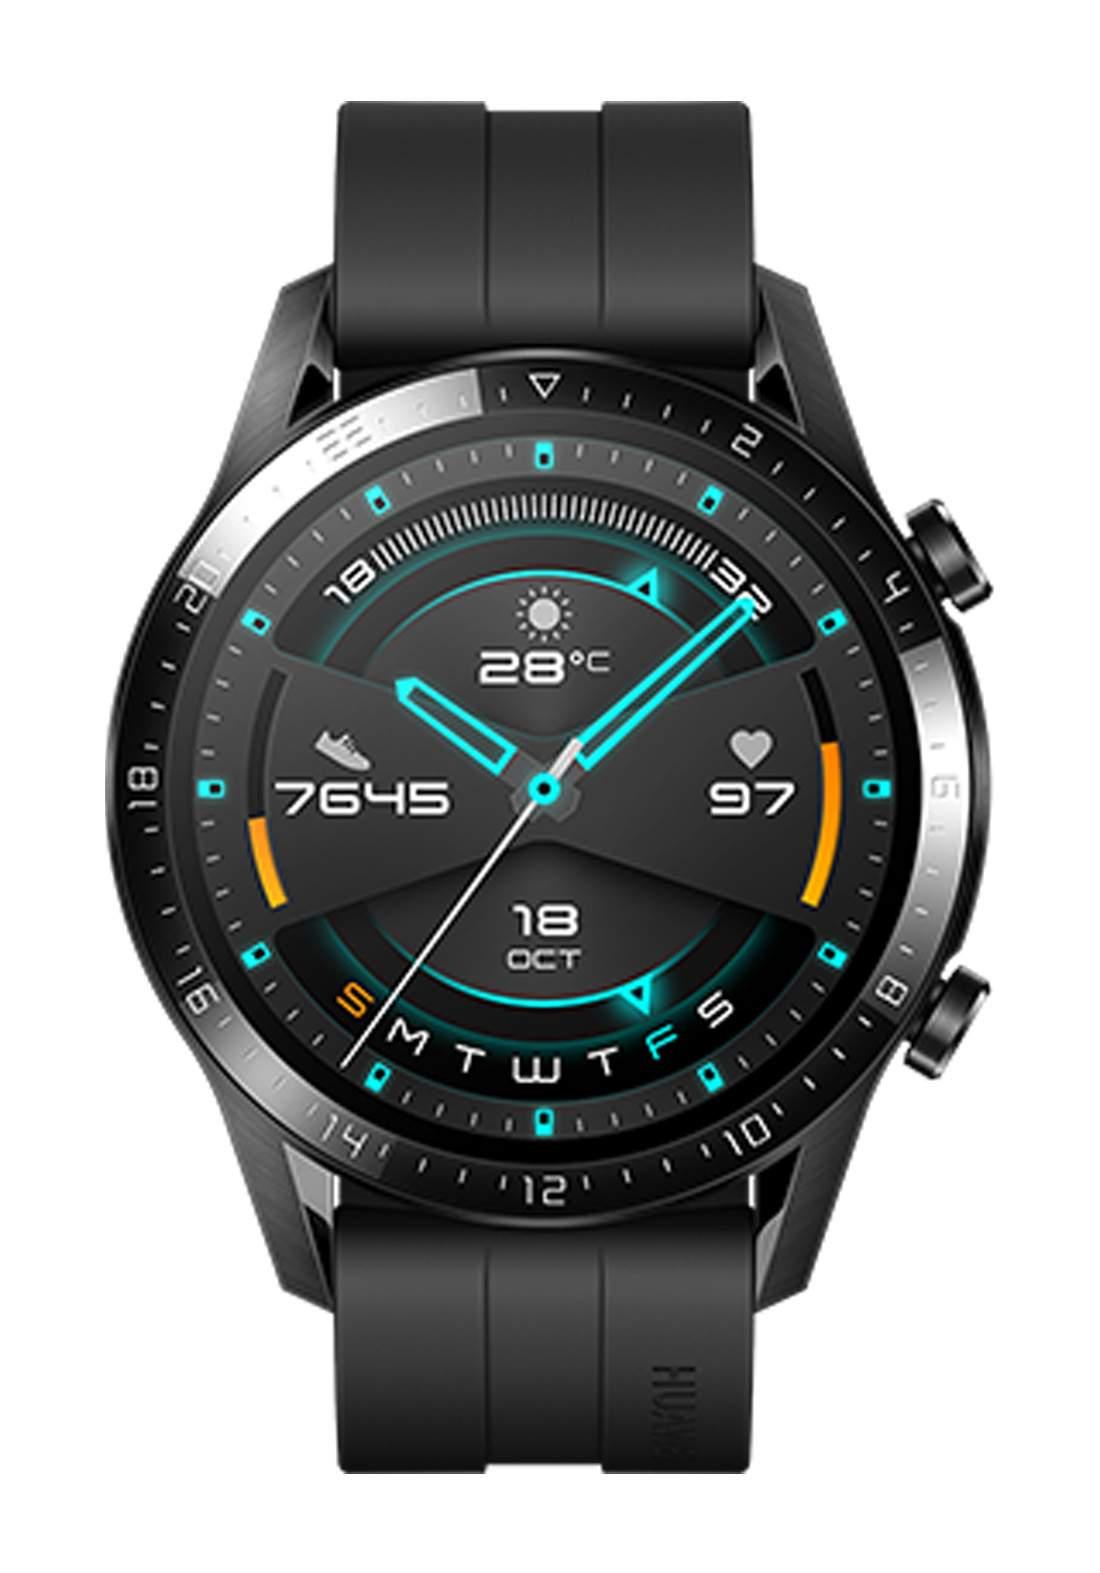 HUAWEI GT 2 Bluetooth Smart Watch - Black ساعة ذكية